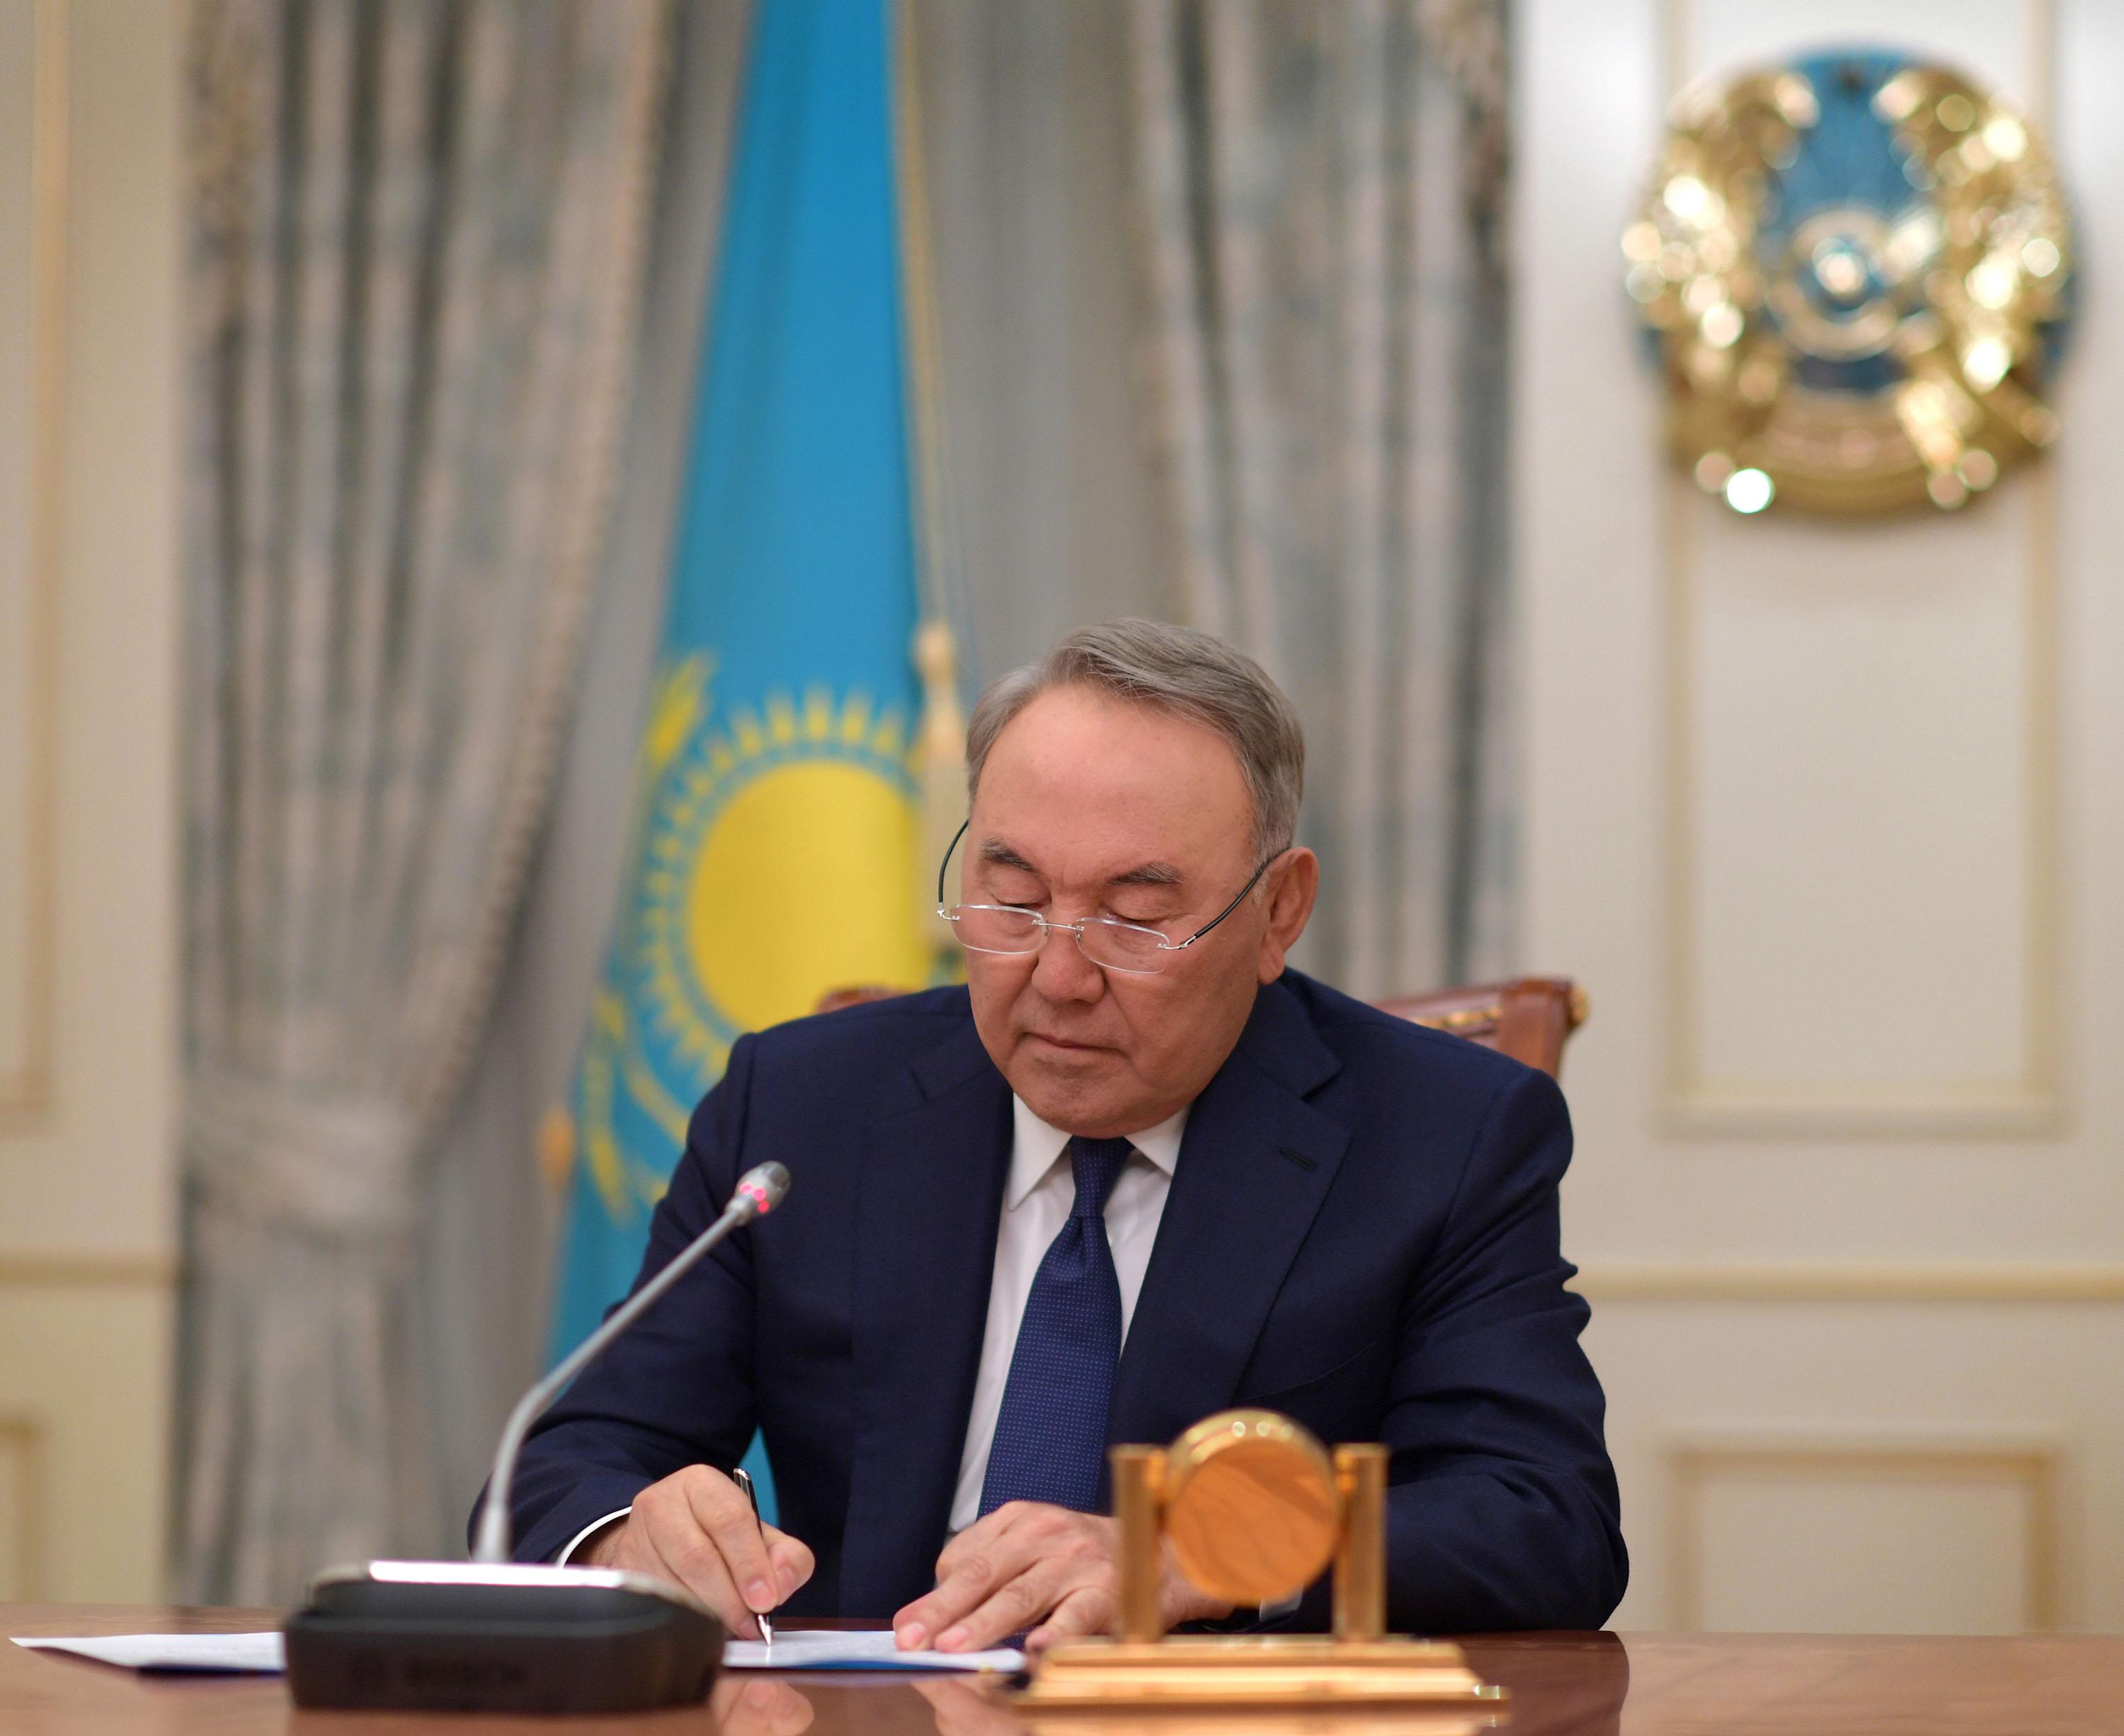 Нурсултан Назарбаев объявил об отставке. Обращение к народу Казахстана